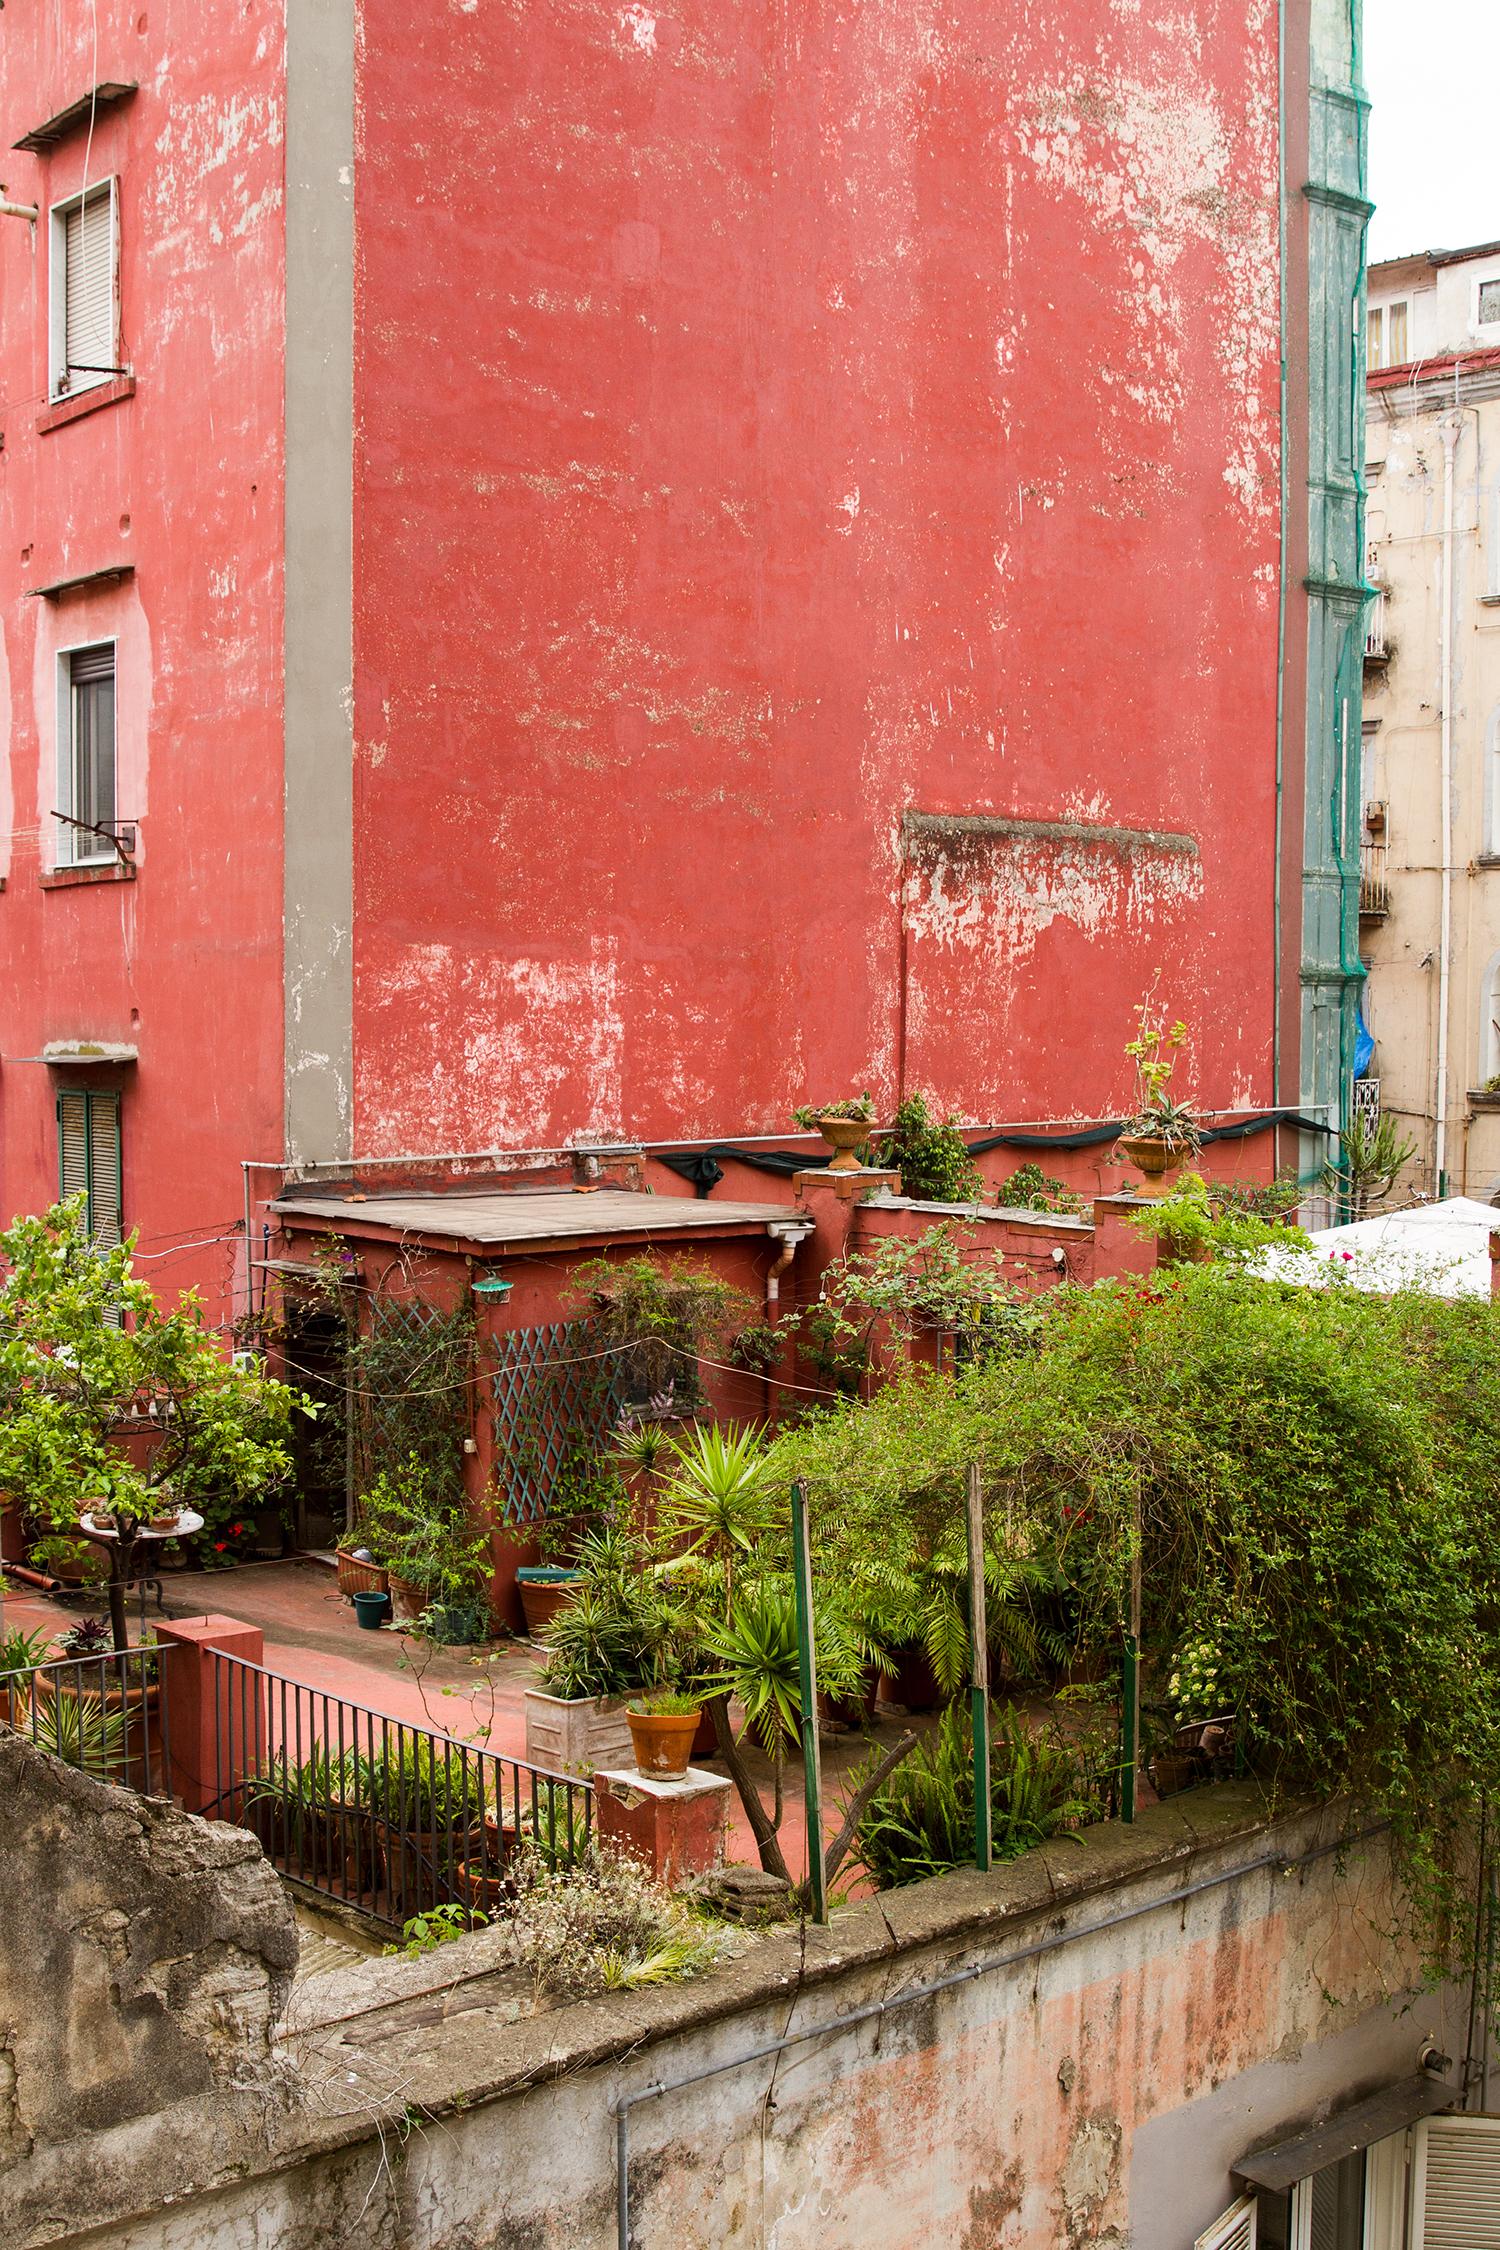 06_NOMNOM_Napoli.jpg